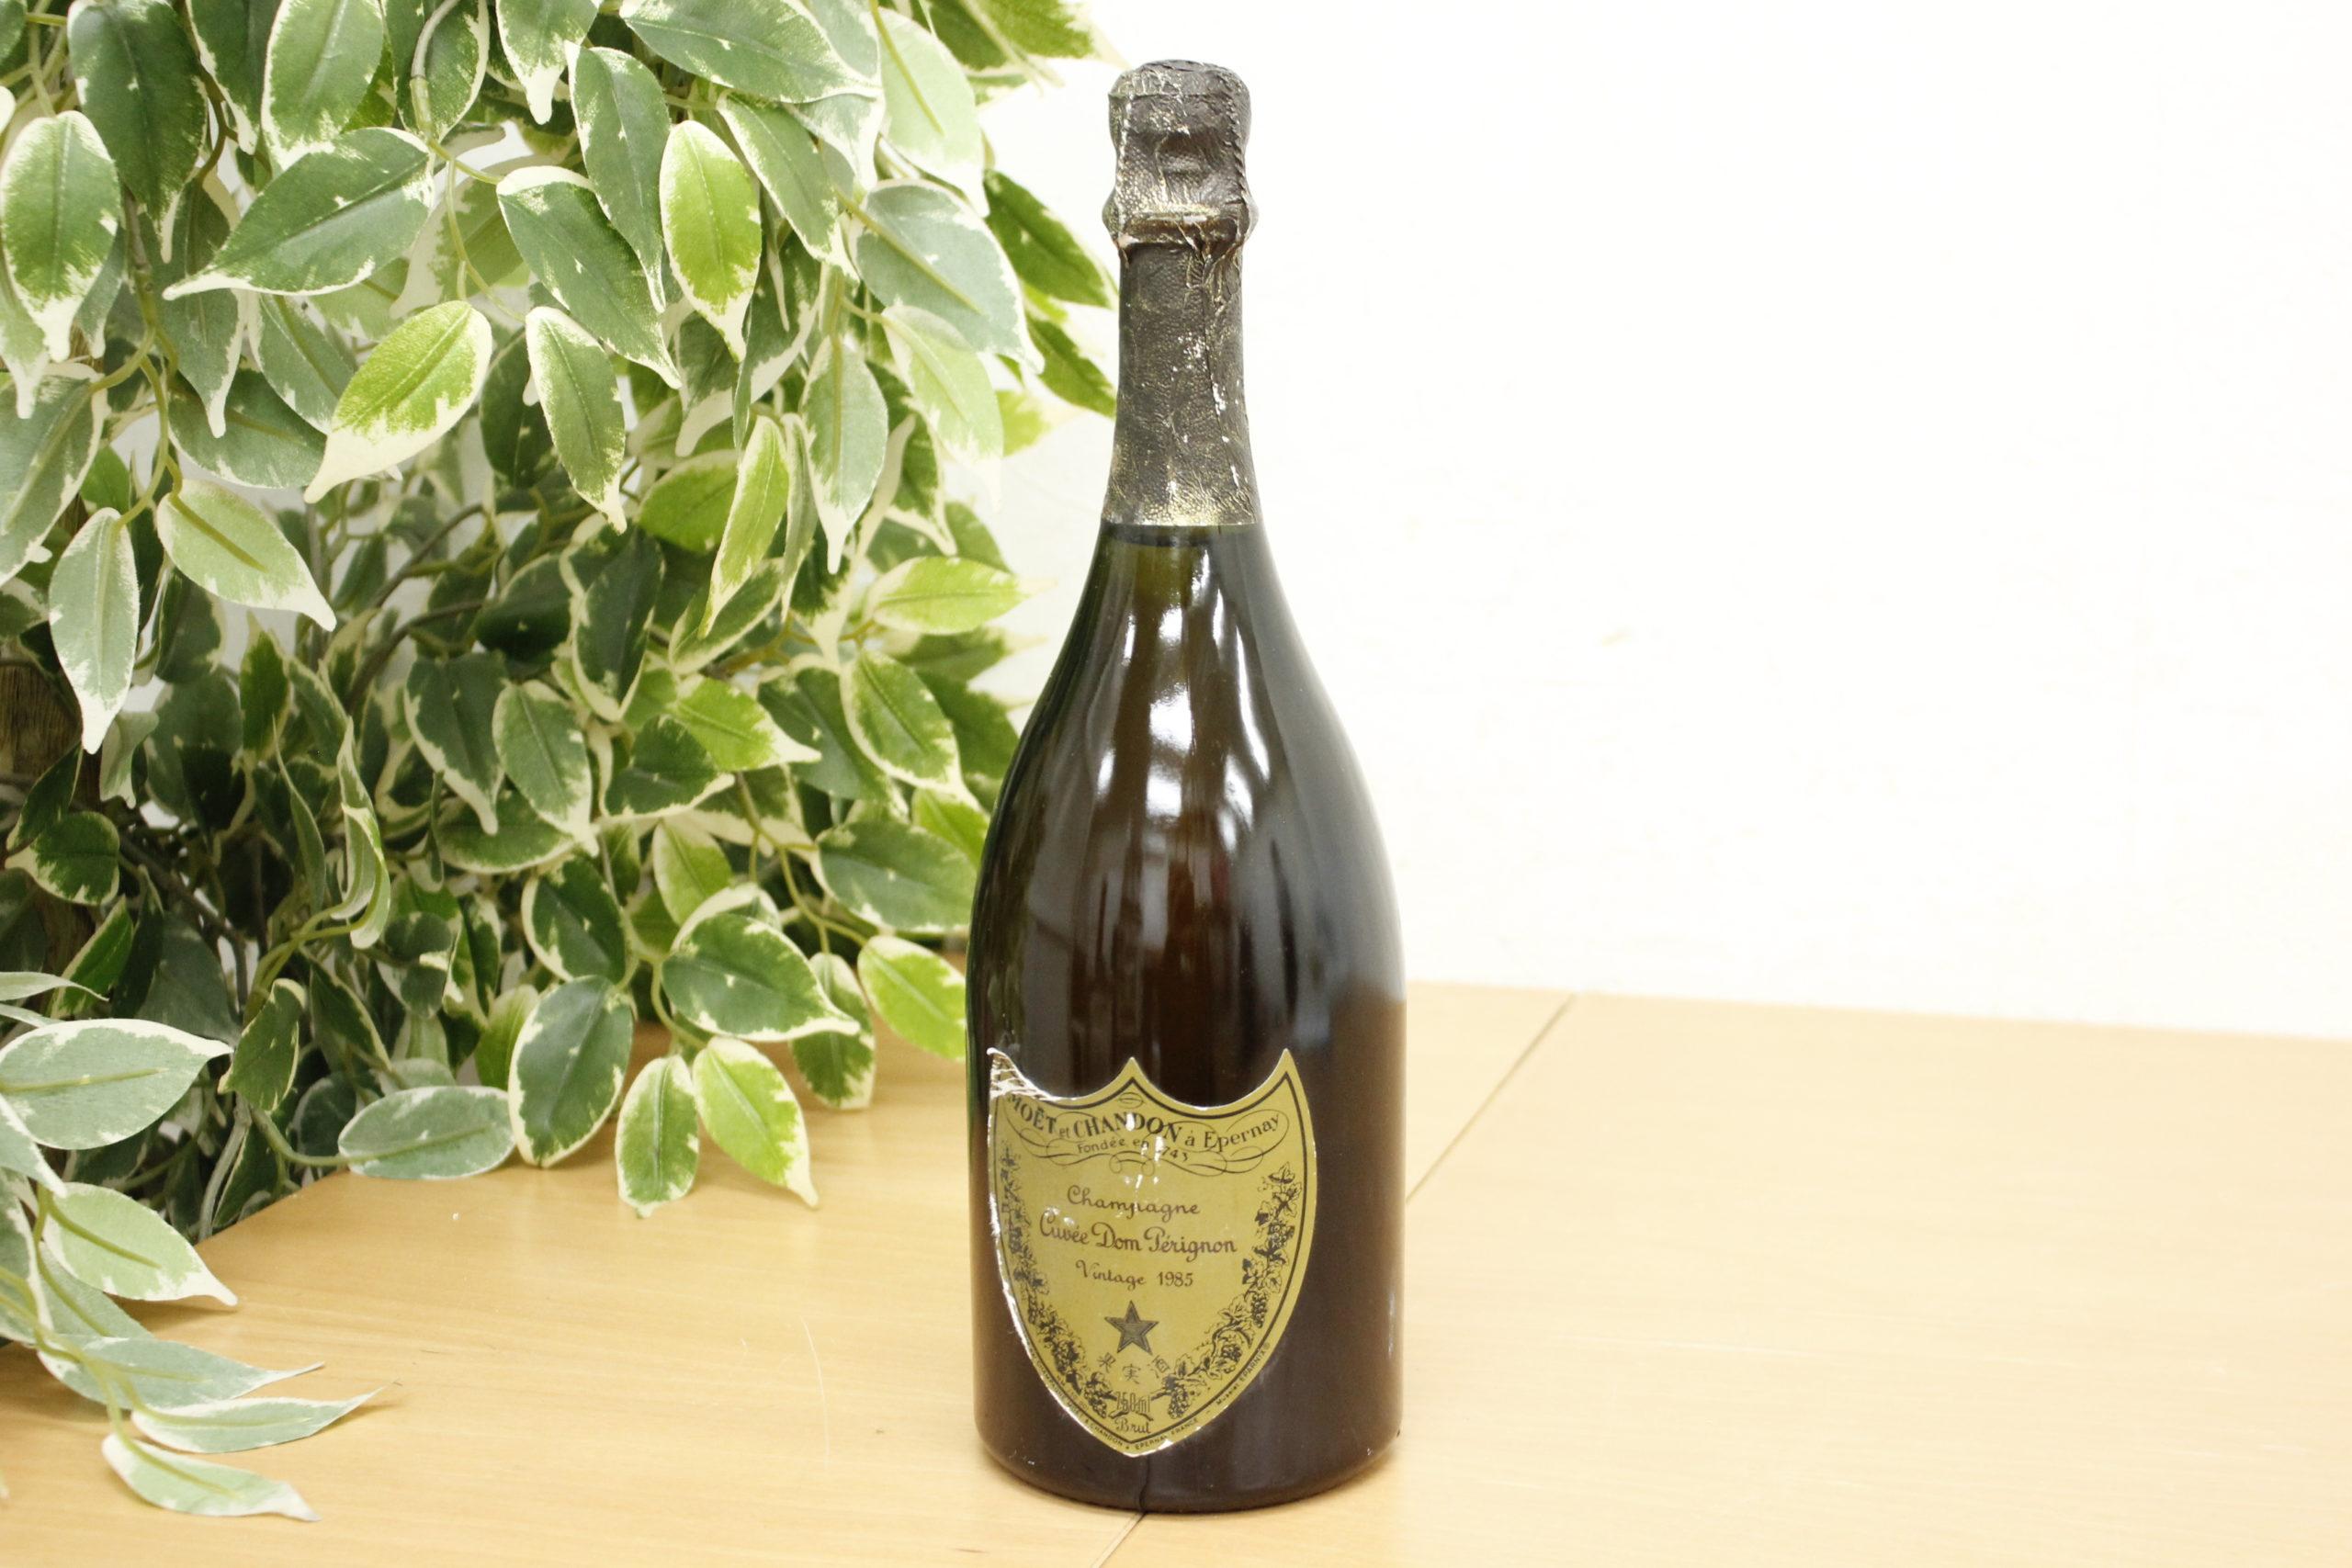 (福岡市東区) Dom Perignon/ドンペリニヨン ヴィンテージ 白 750ml お酒の買取お任せ下さい☆の買取-